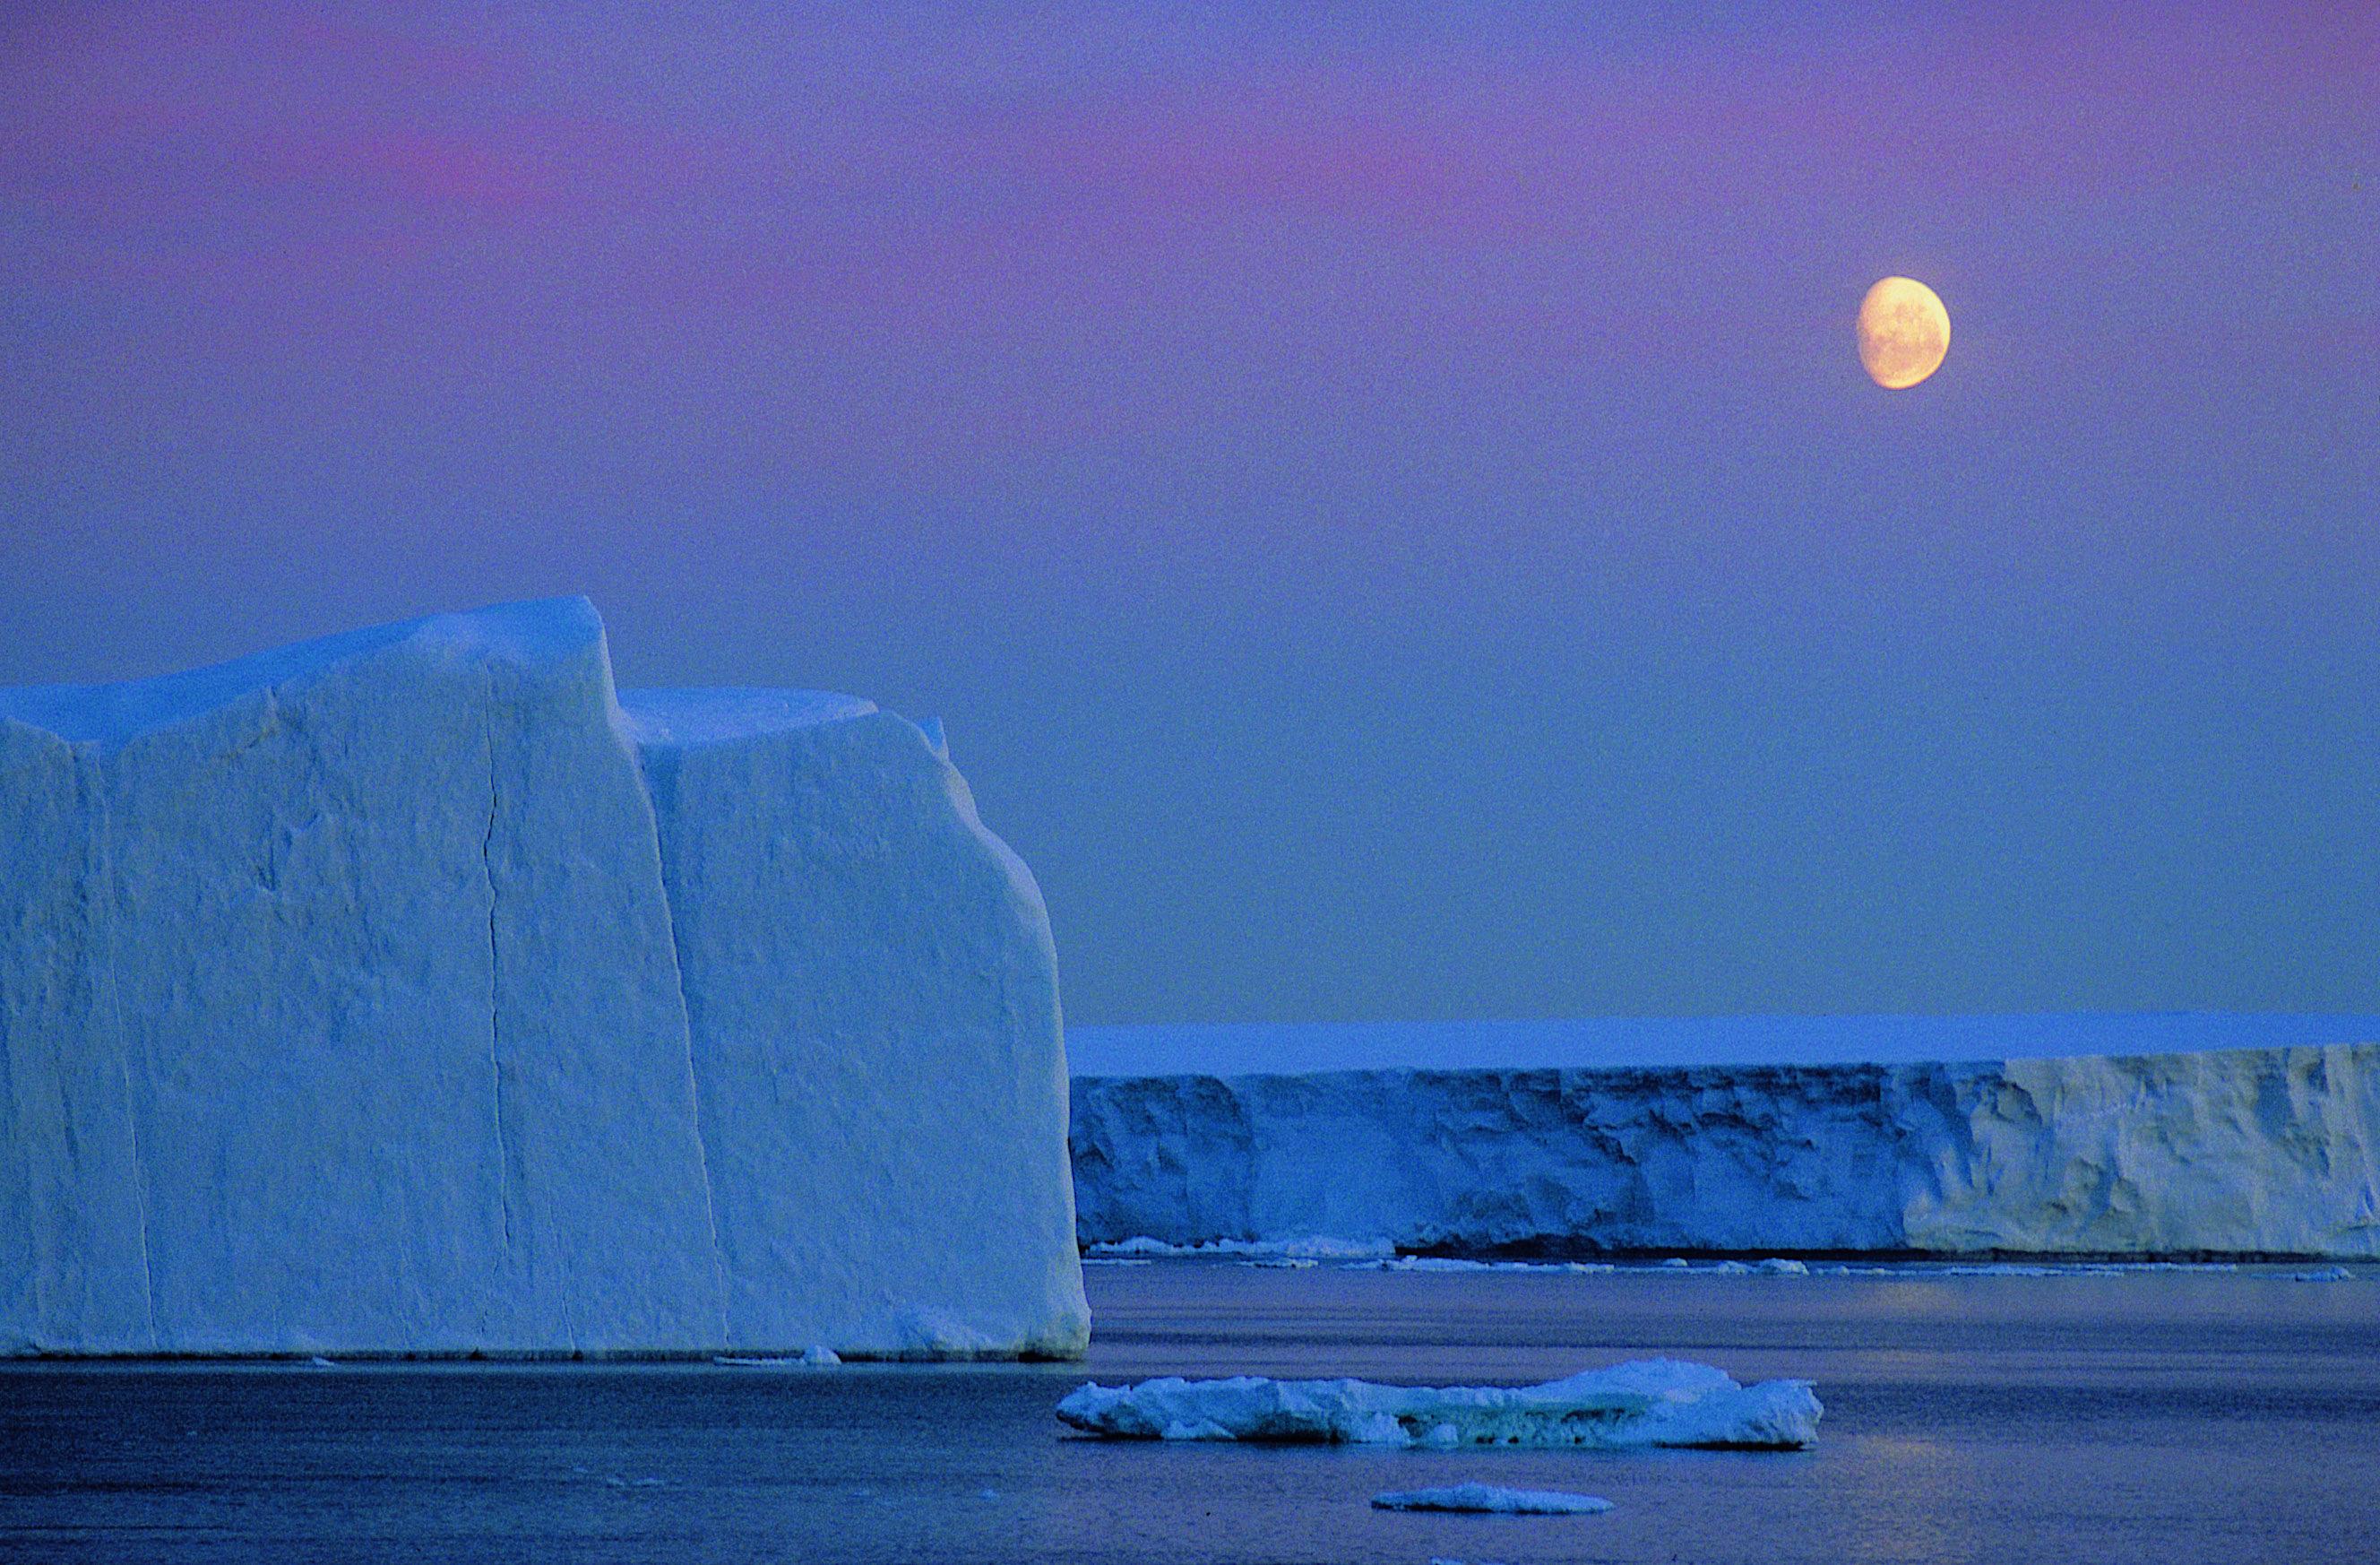 Antarctica Iceberg Photo taken by Rinie van Meurs #Antarctica #OceanwideExpeditions